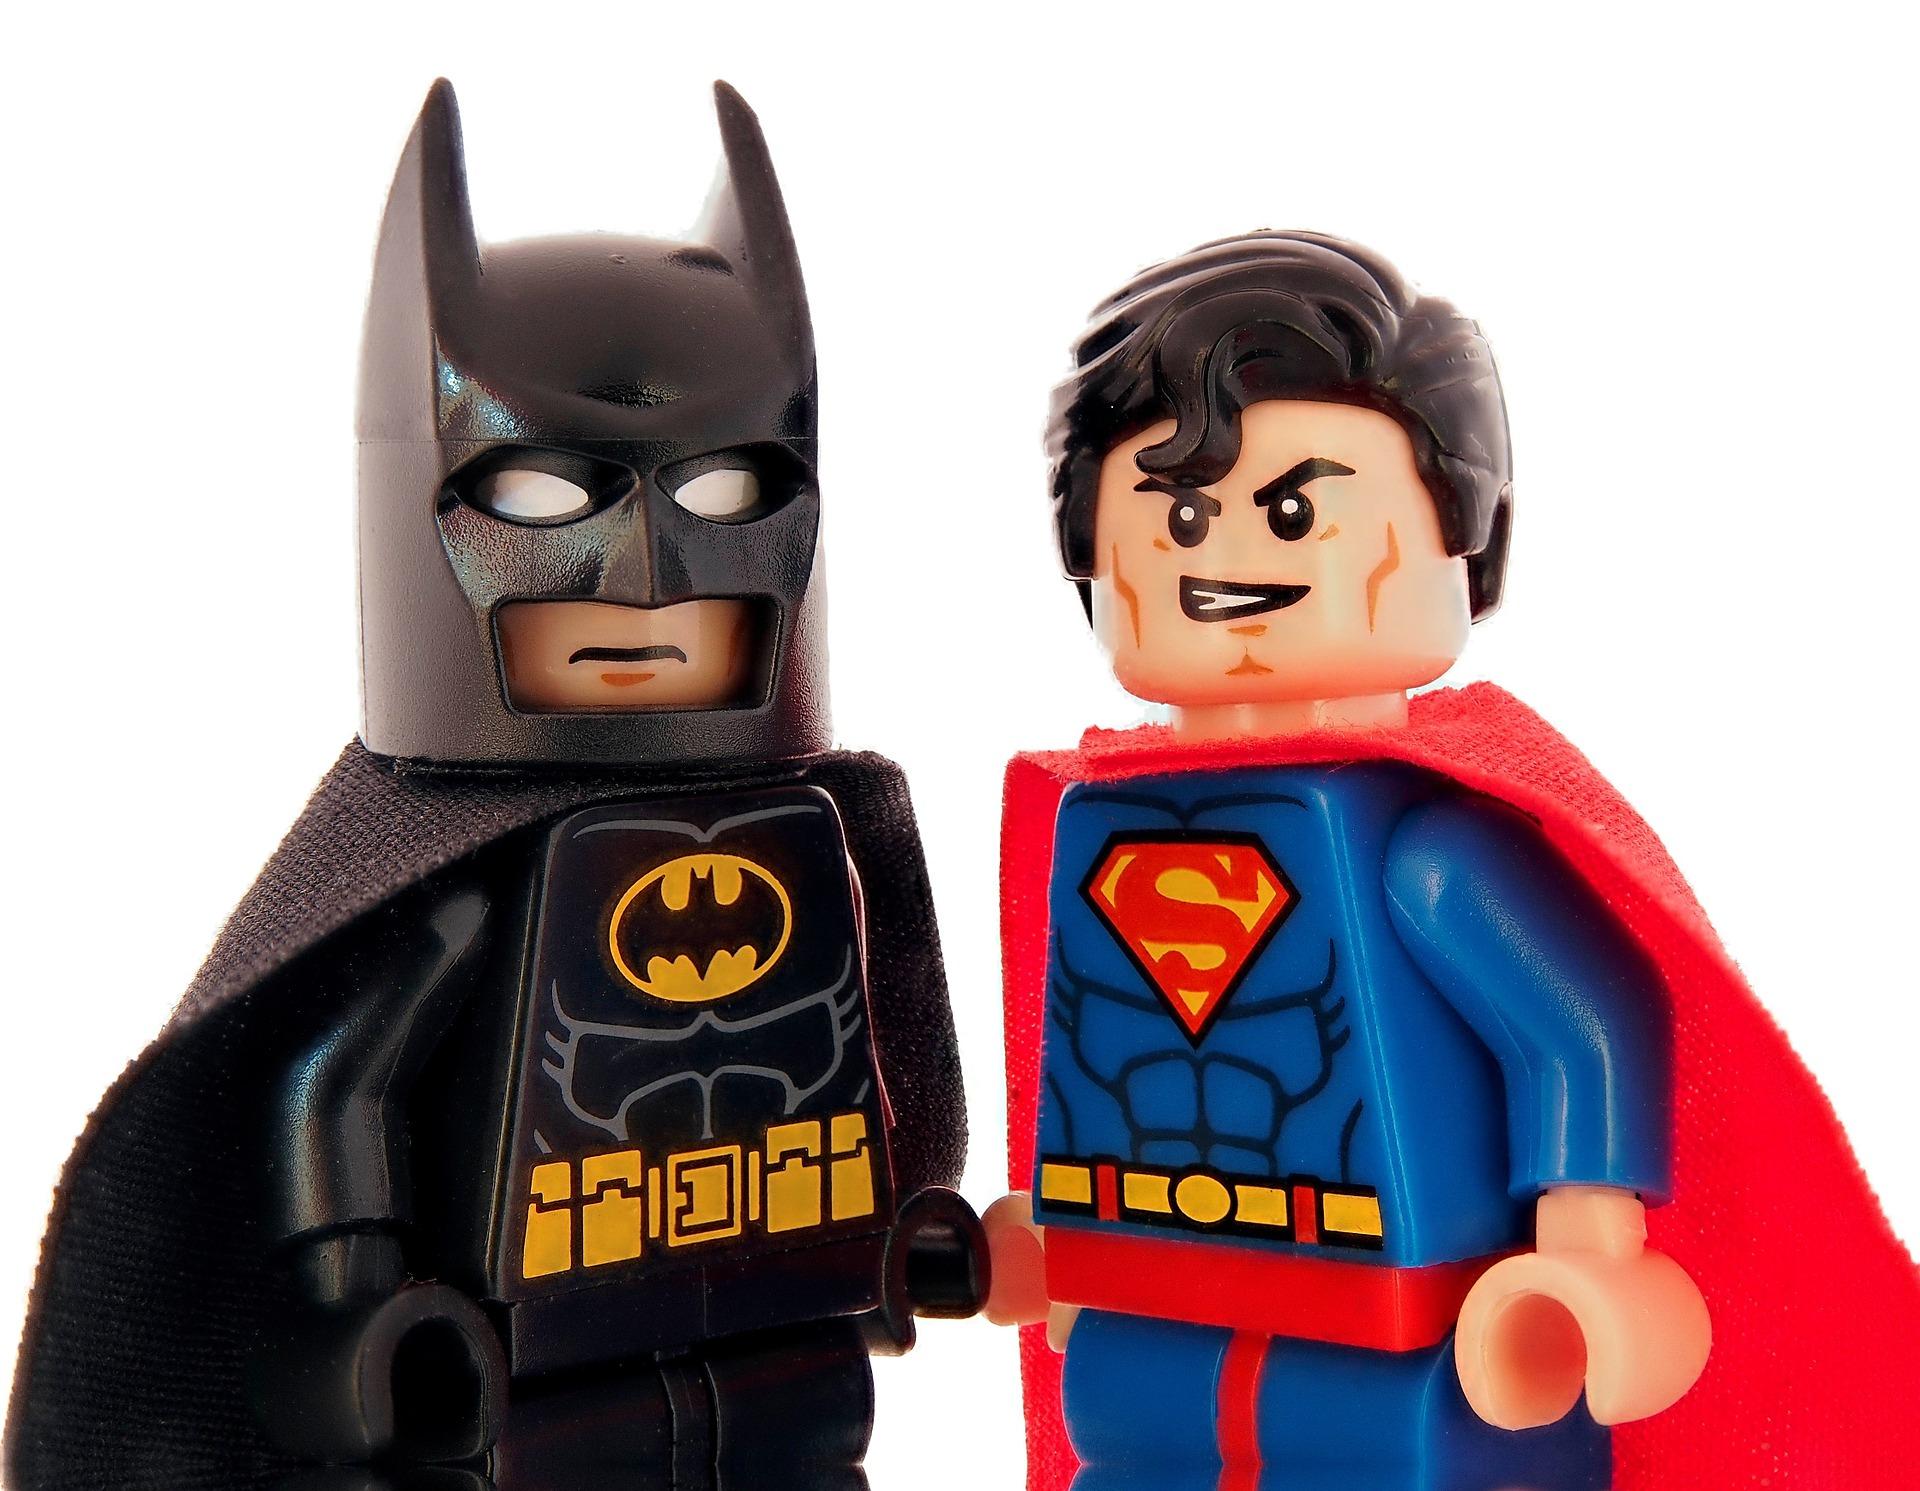 映画「バットマン vs スーパーマン ジャスティスの誕生」正義のヒーロー集団誕生の瞬間